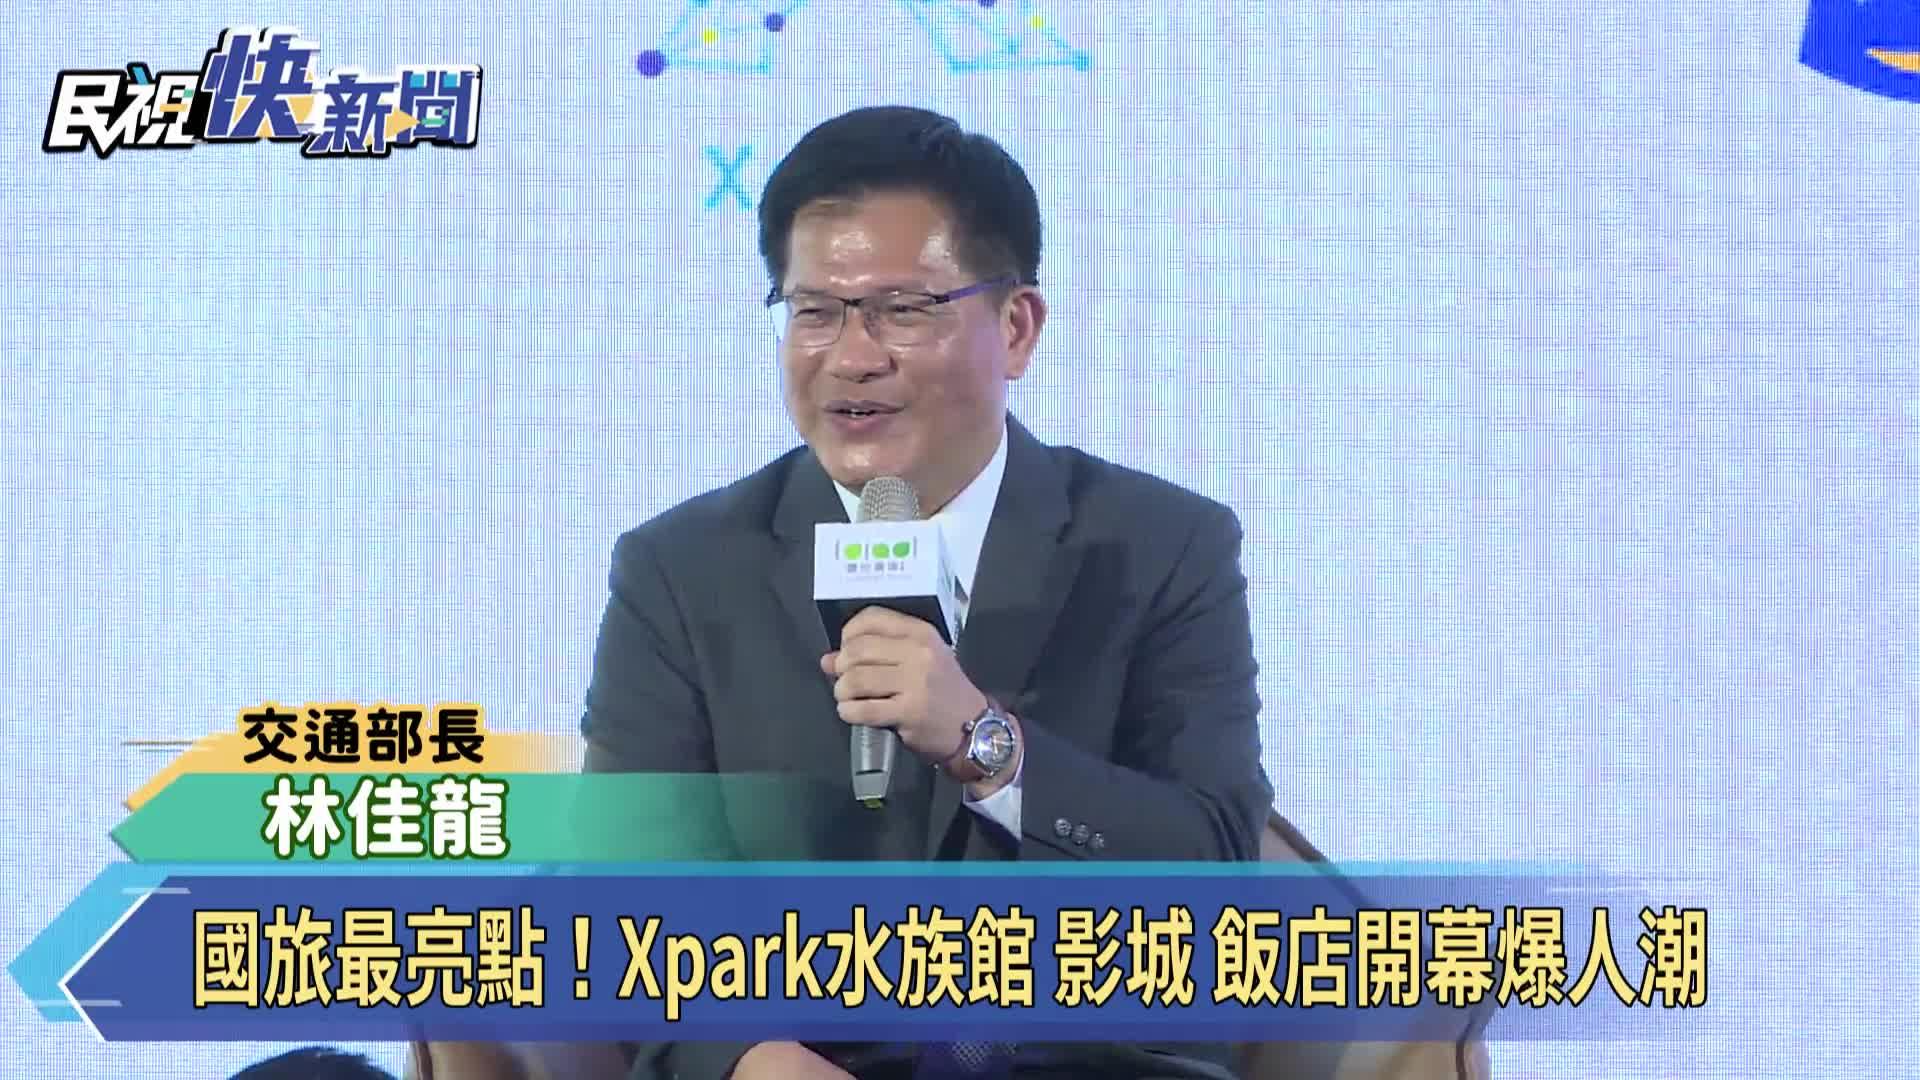 國旅最亮點!Xpark水族館 影城 飯店開幕爆人潮